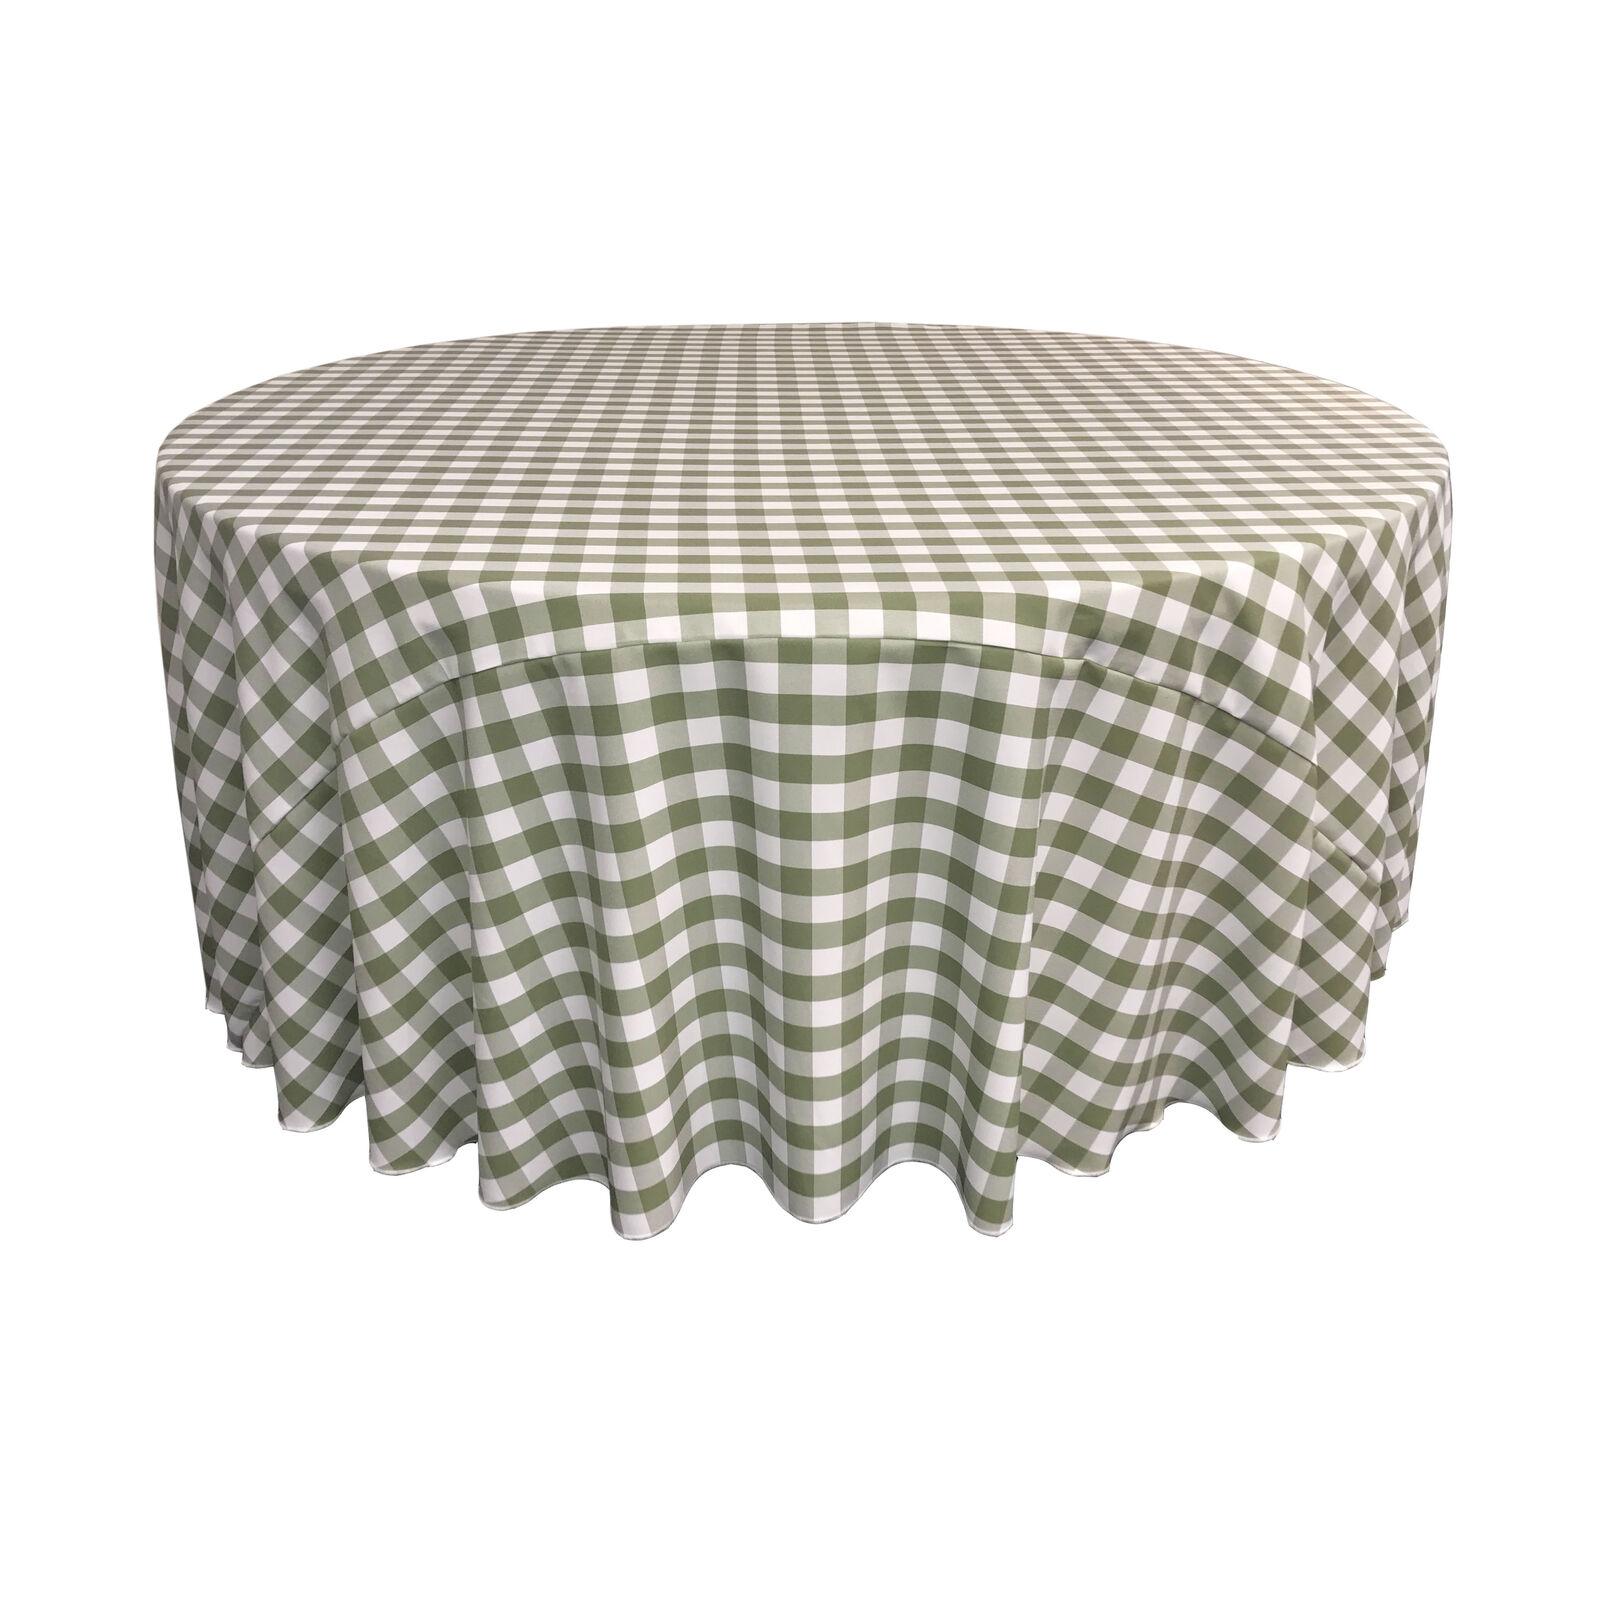 La toile en polyester vichy à carreaux 132 pouces ronde Nappe